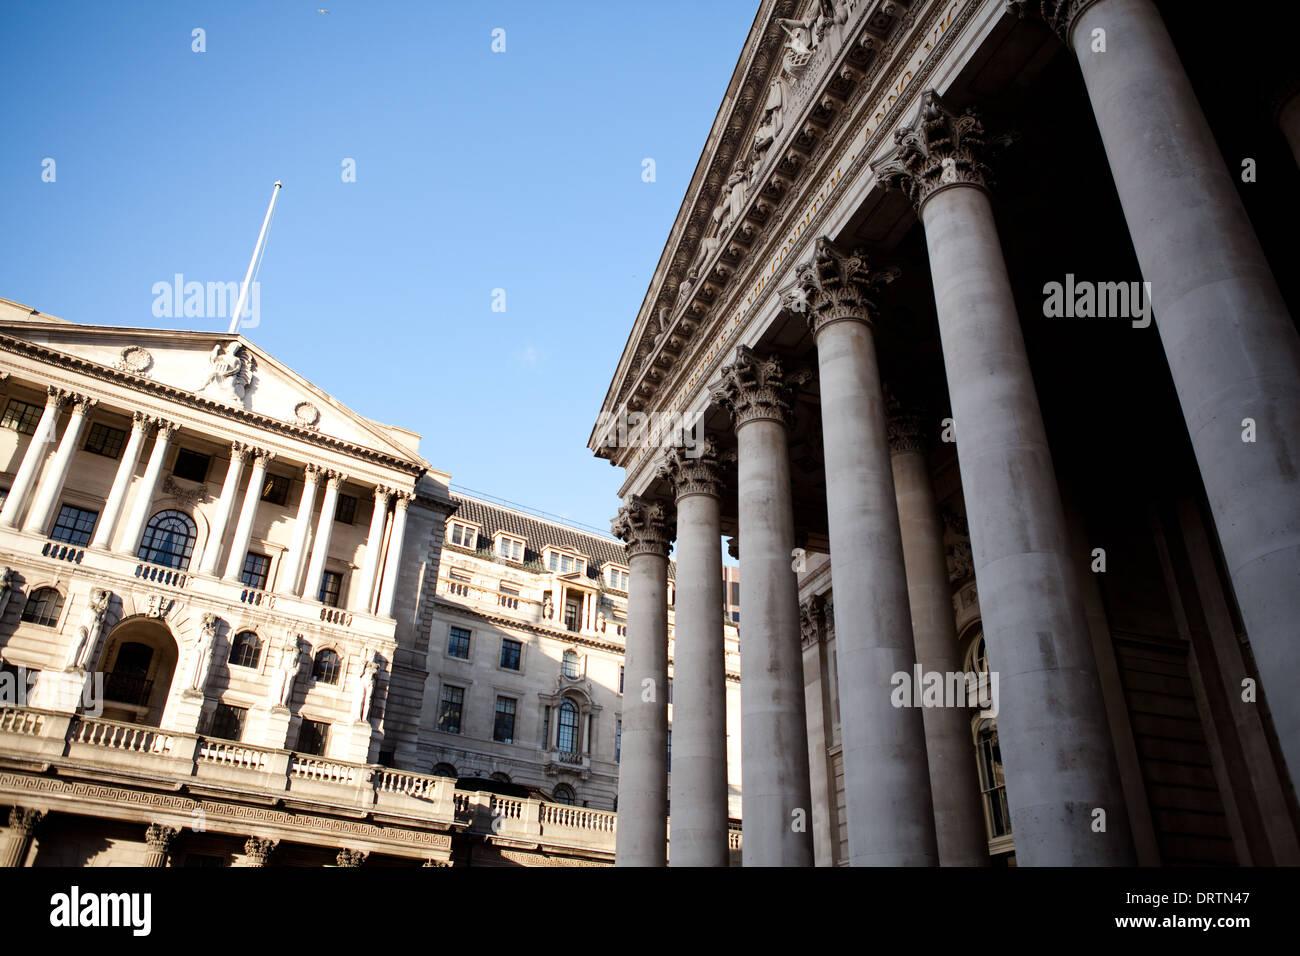 Bank of England, Royal Exchange, City of London, UK, England - Stock Image